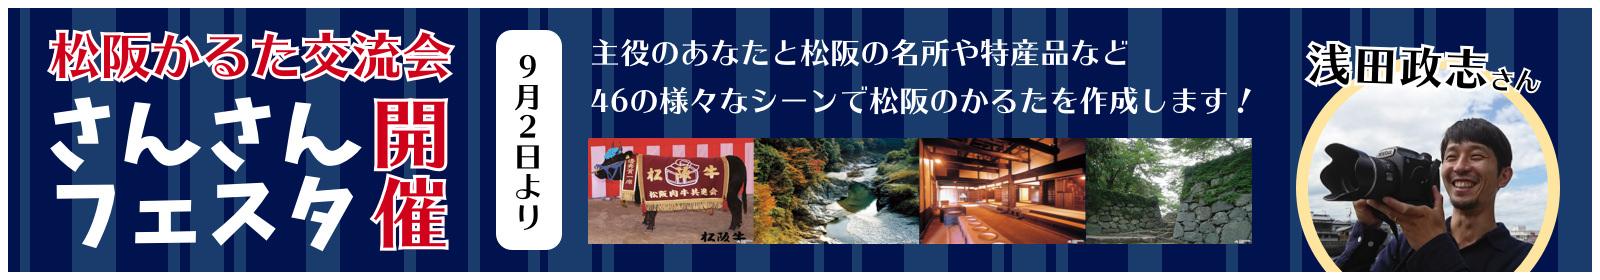 松阪かるた交流会さんさんフェスタ開催